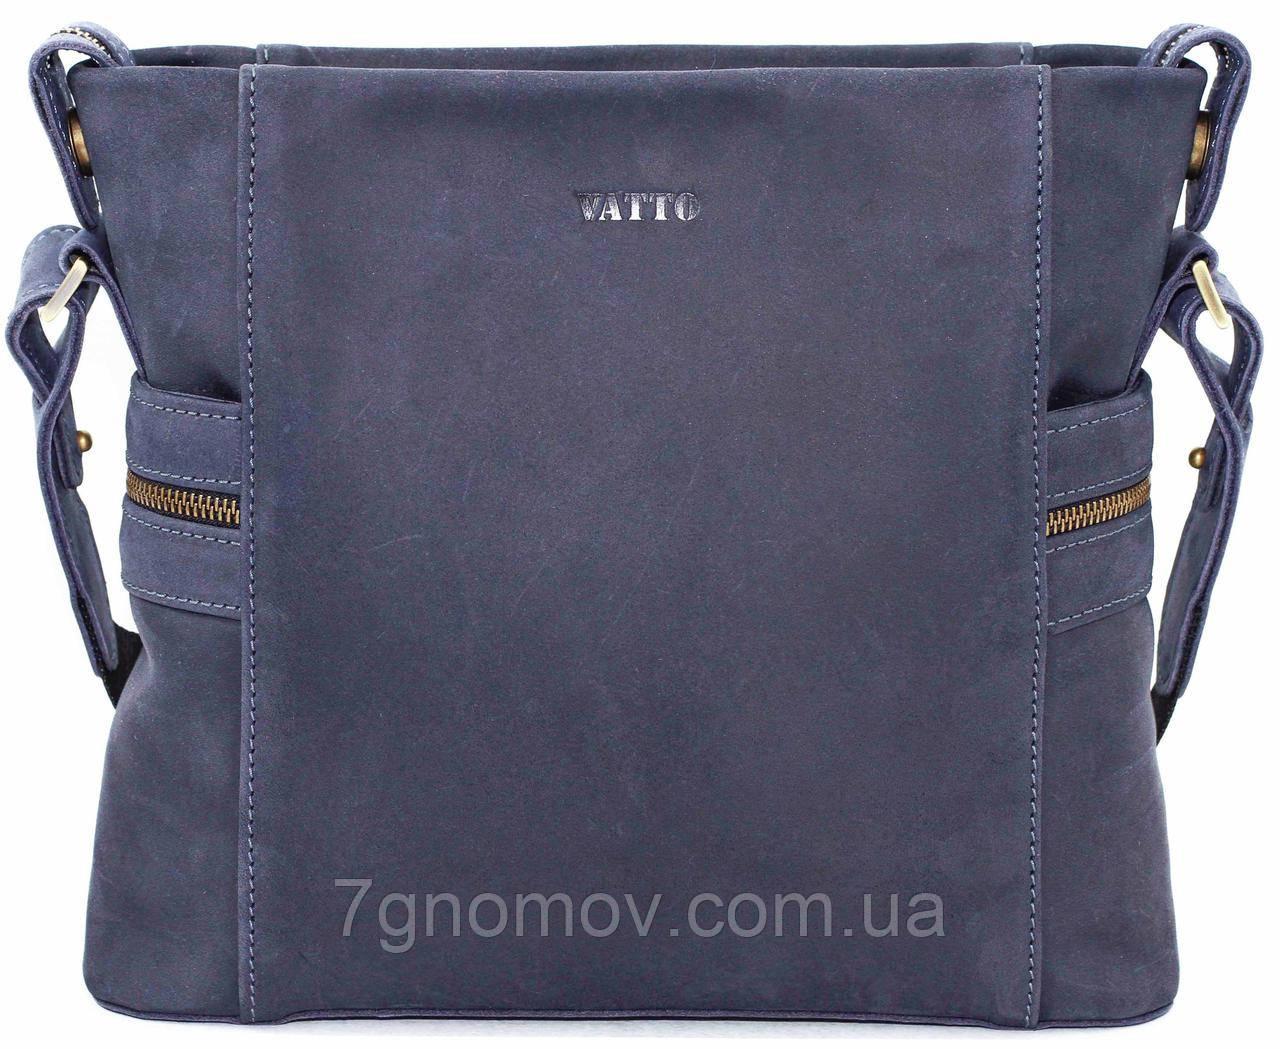 Мужская сумка VATTO Mk39.2 Kr600